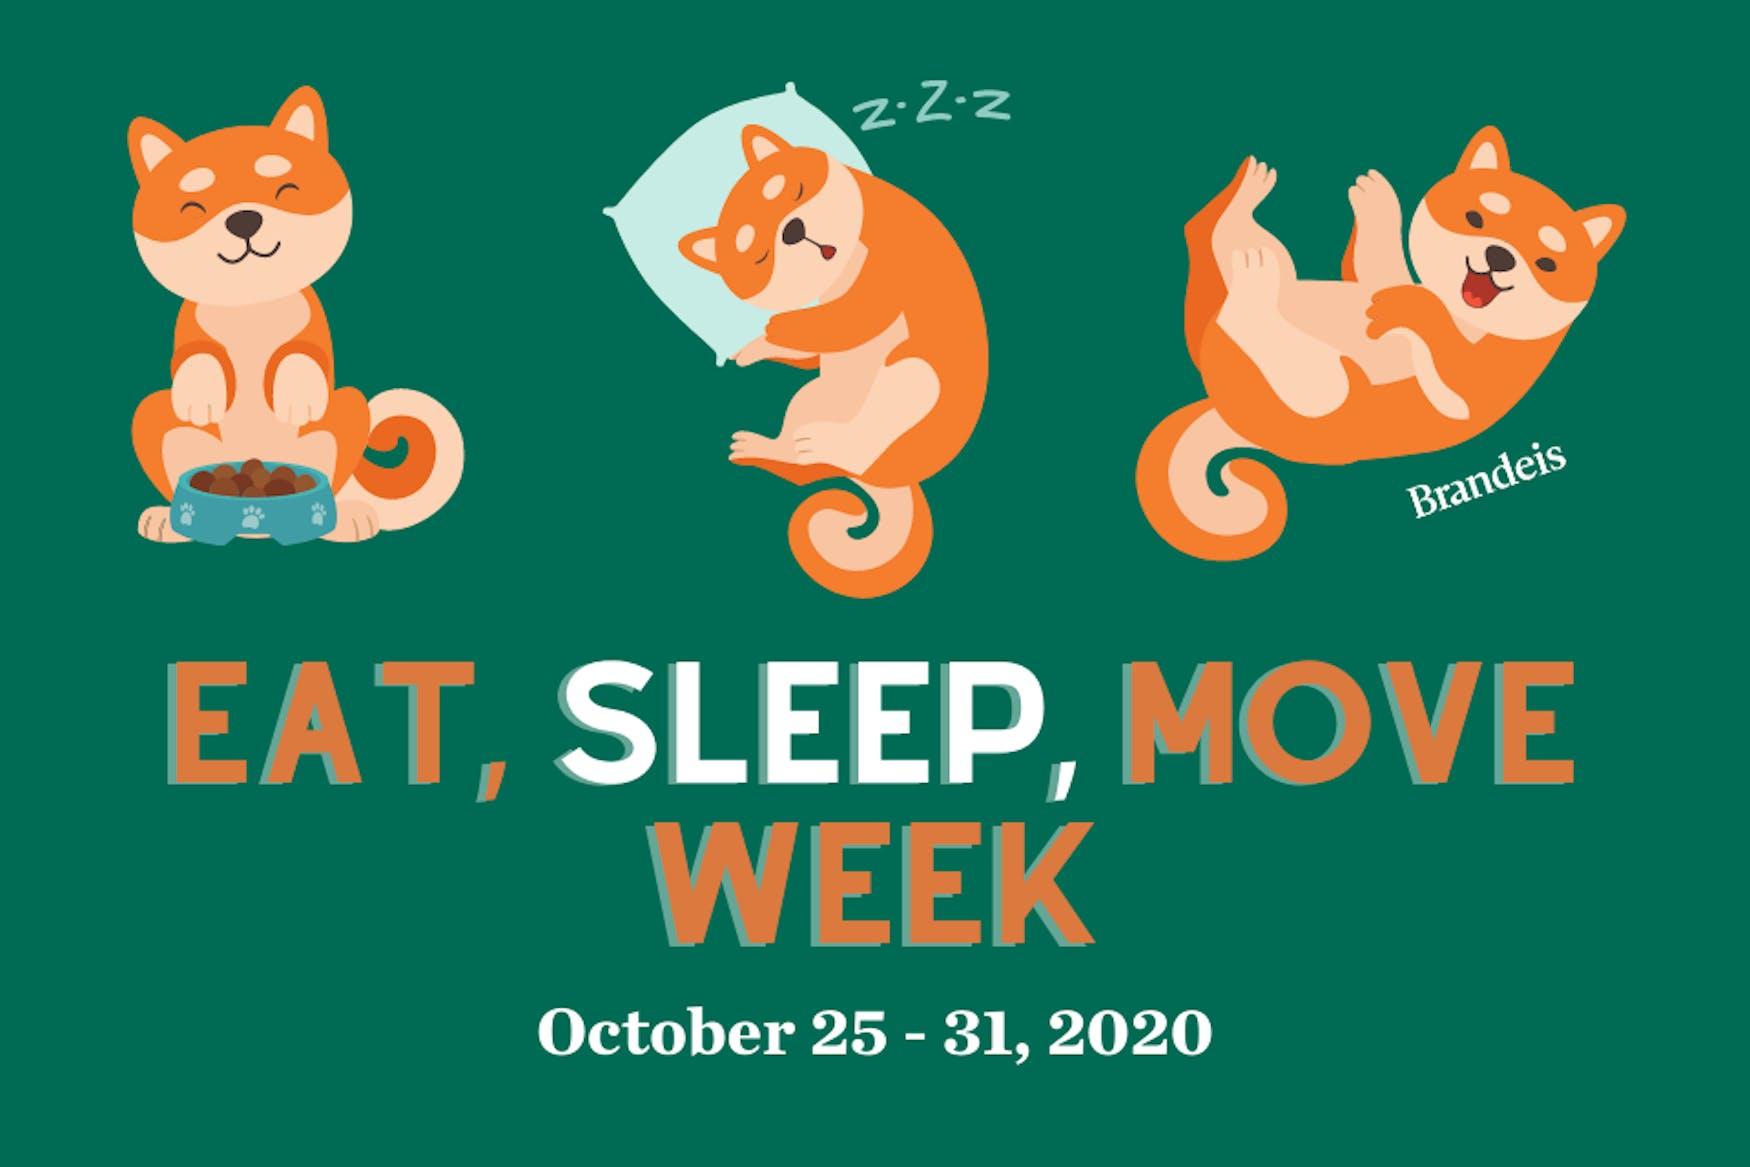 Eat, Sleep, Move Week